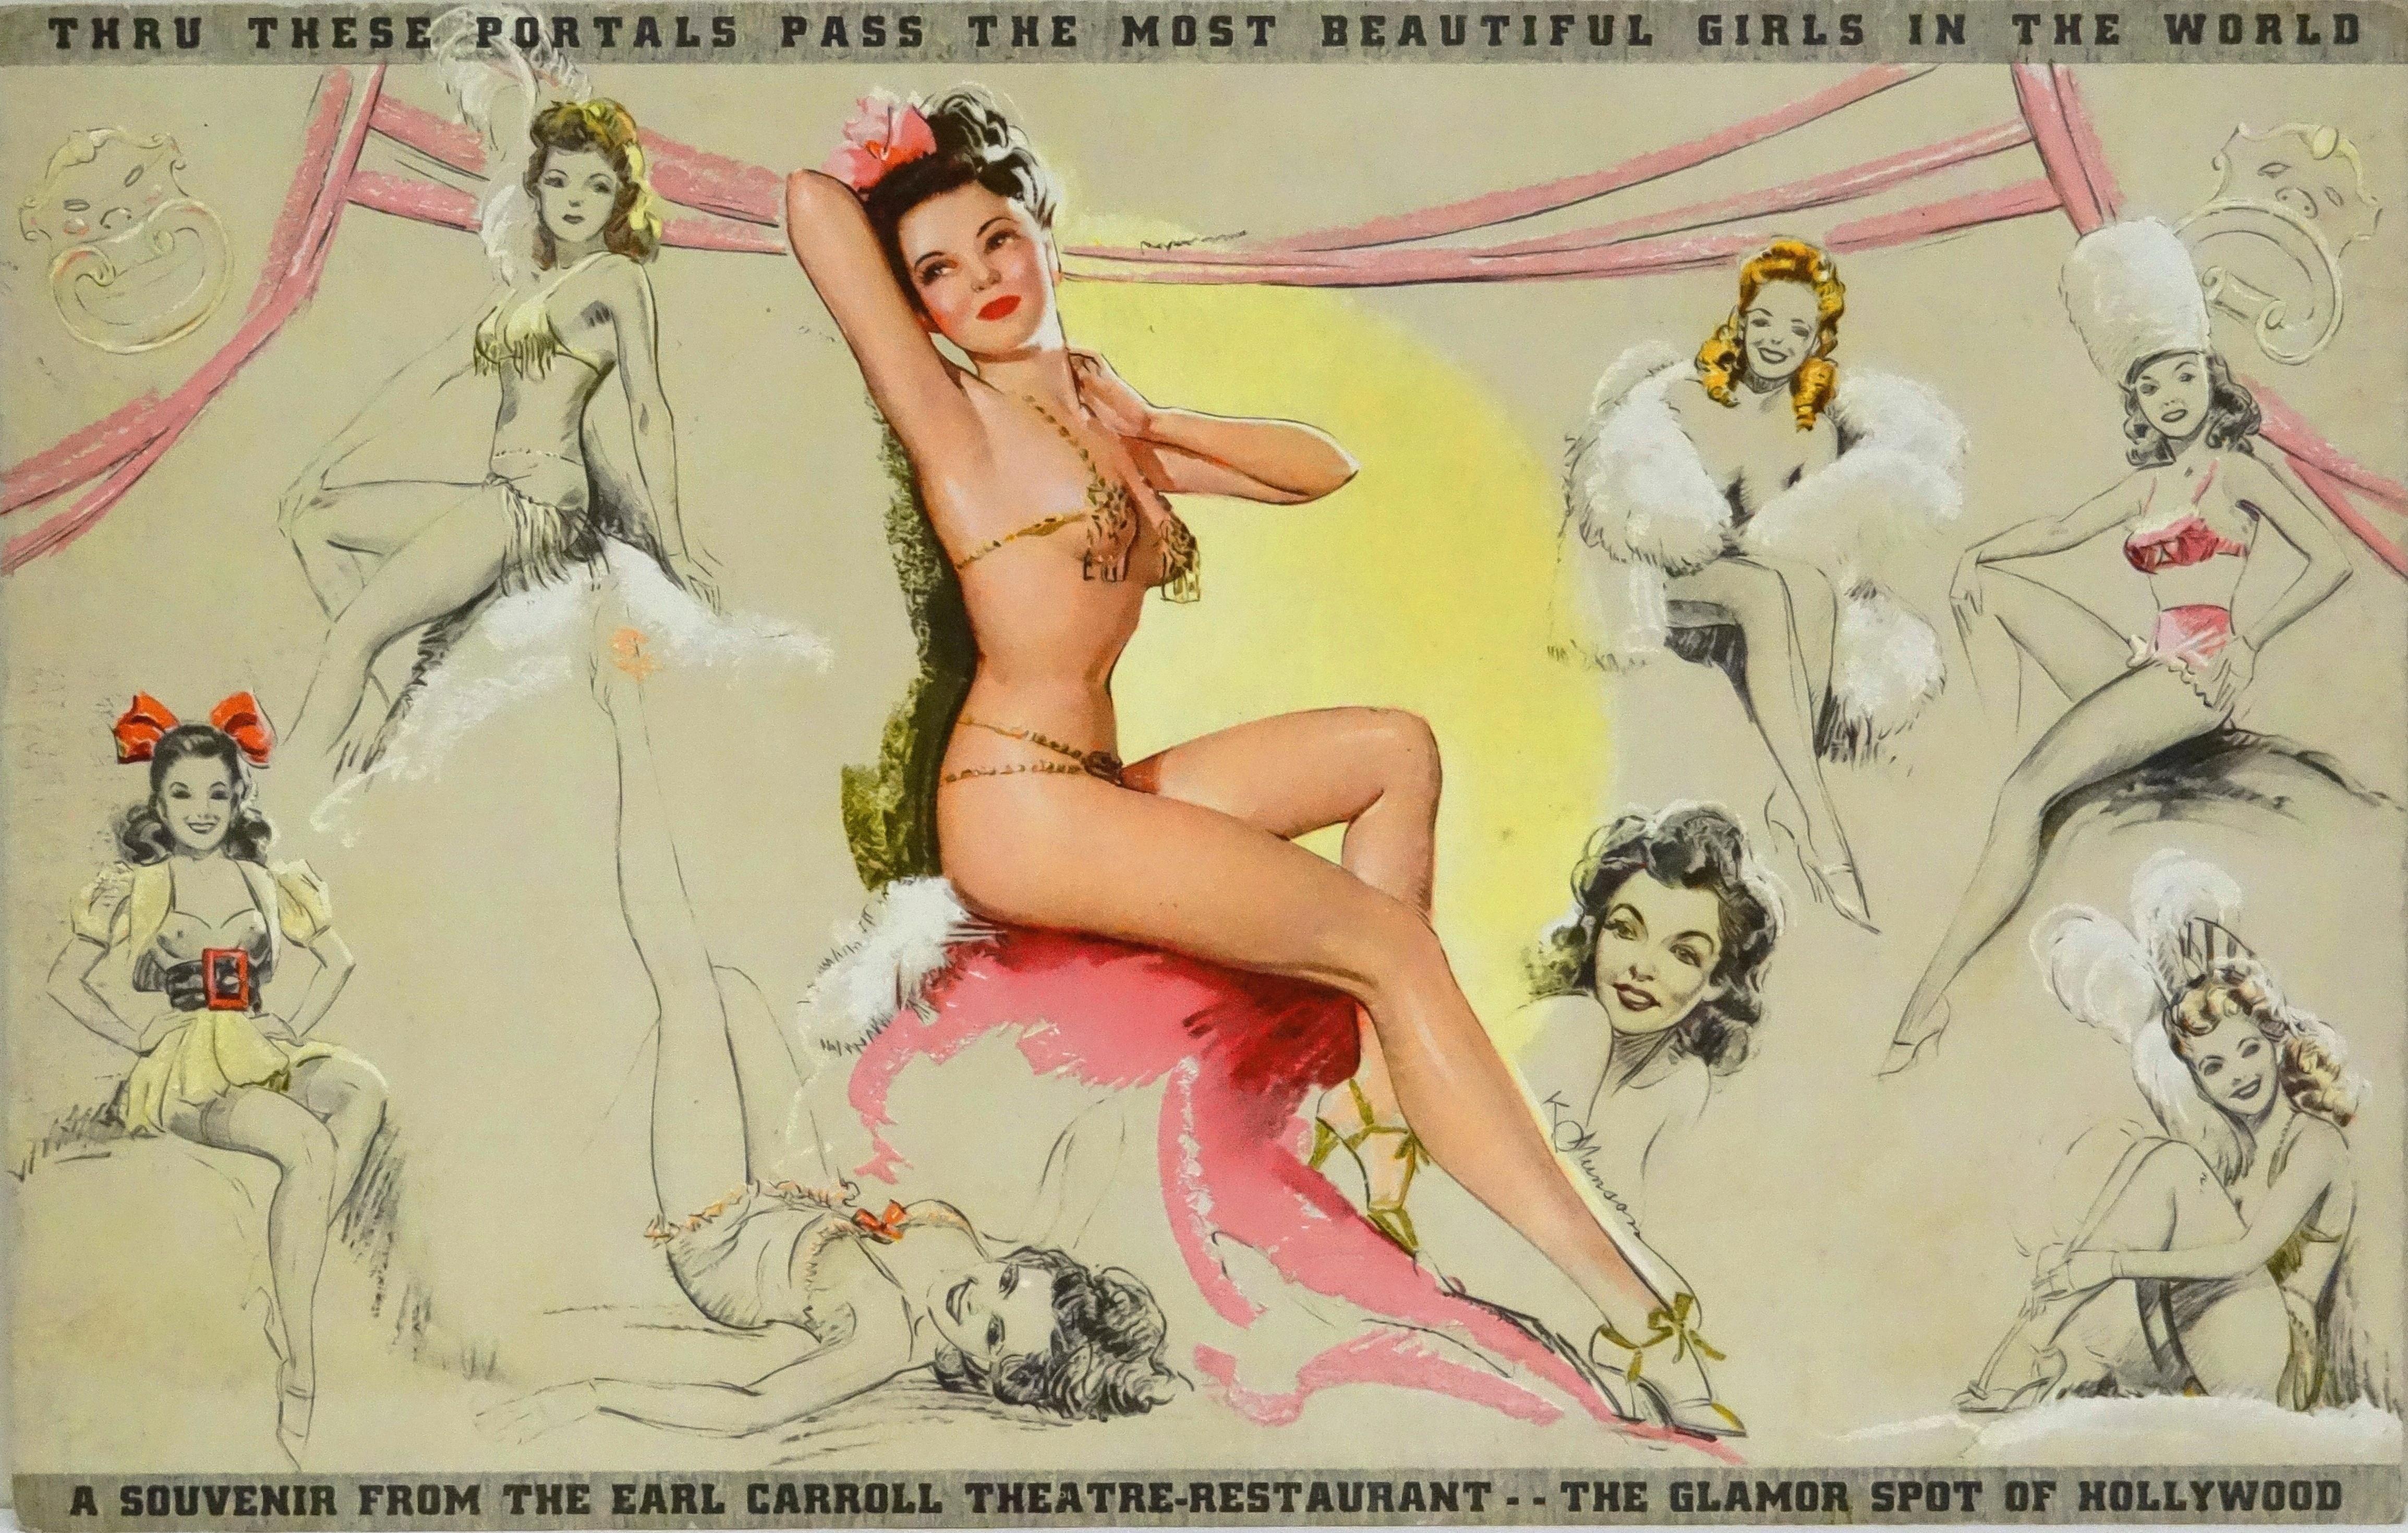 The Glamor Spot of Hollywood (1940s).jpg